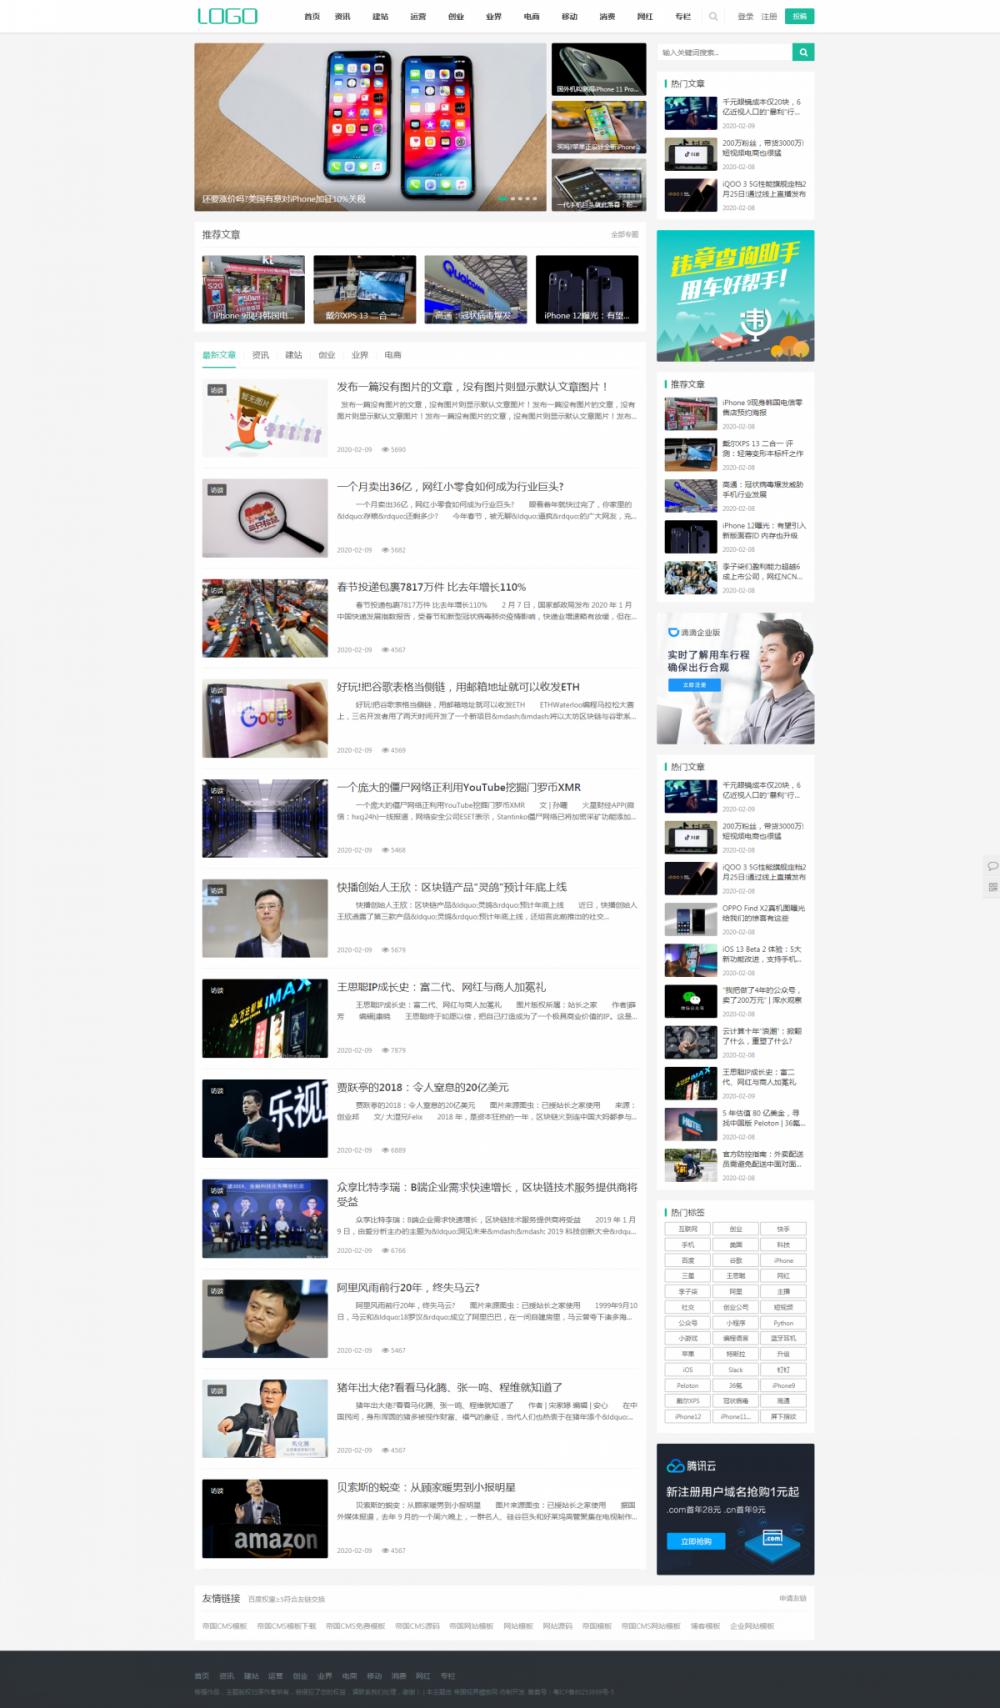 首页.png [DG-066]帝国CMS高端个人博客文章资讯新闻资讯模板(带会员中心) 博客文章 第1张